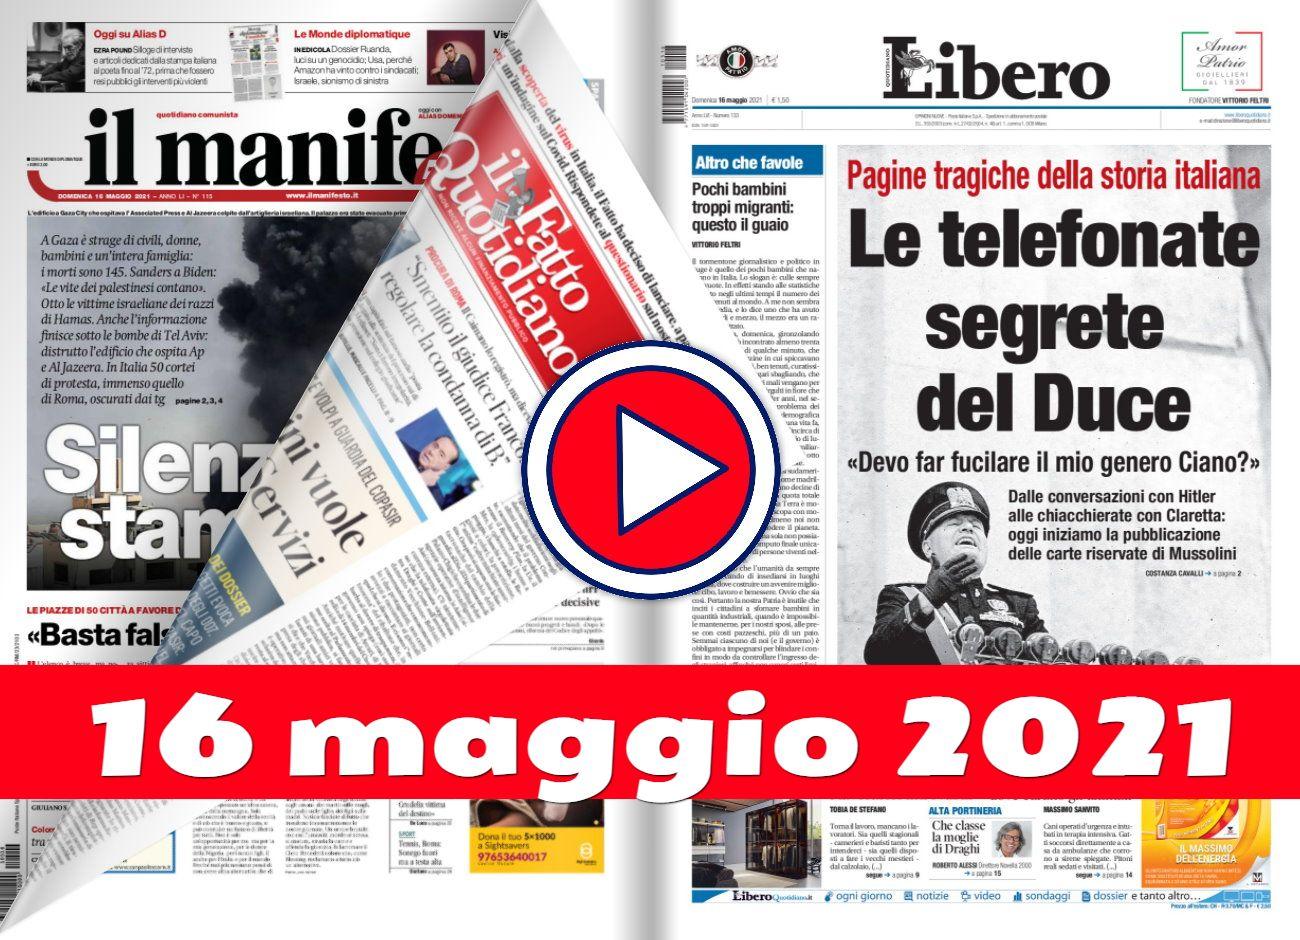 Video rassegna stampa del 16 maggio 2021, giornali in pdf prime pagine